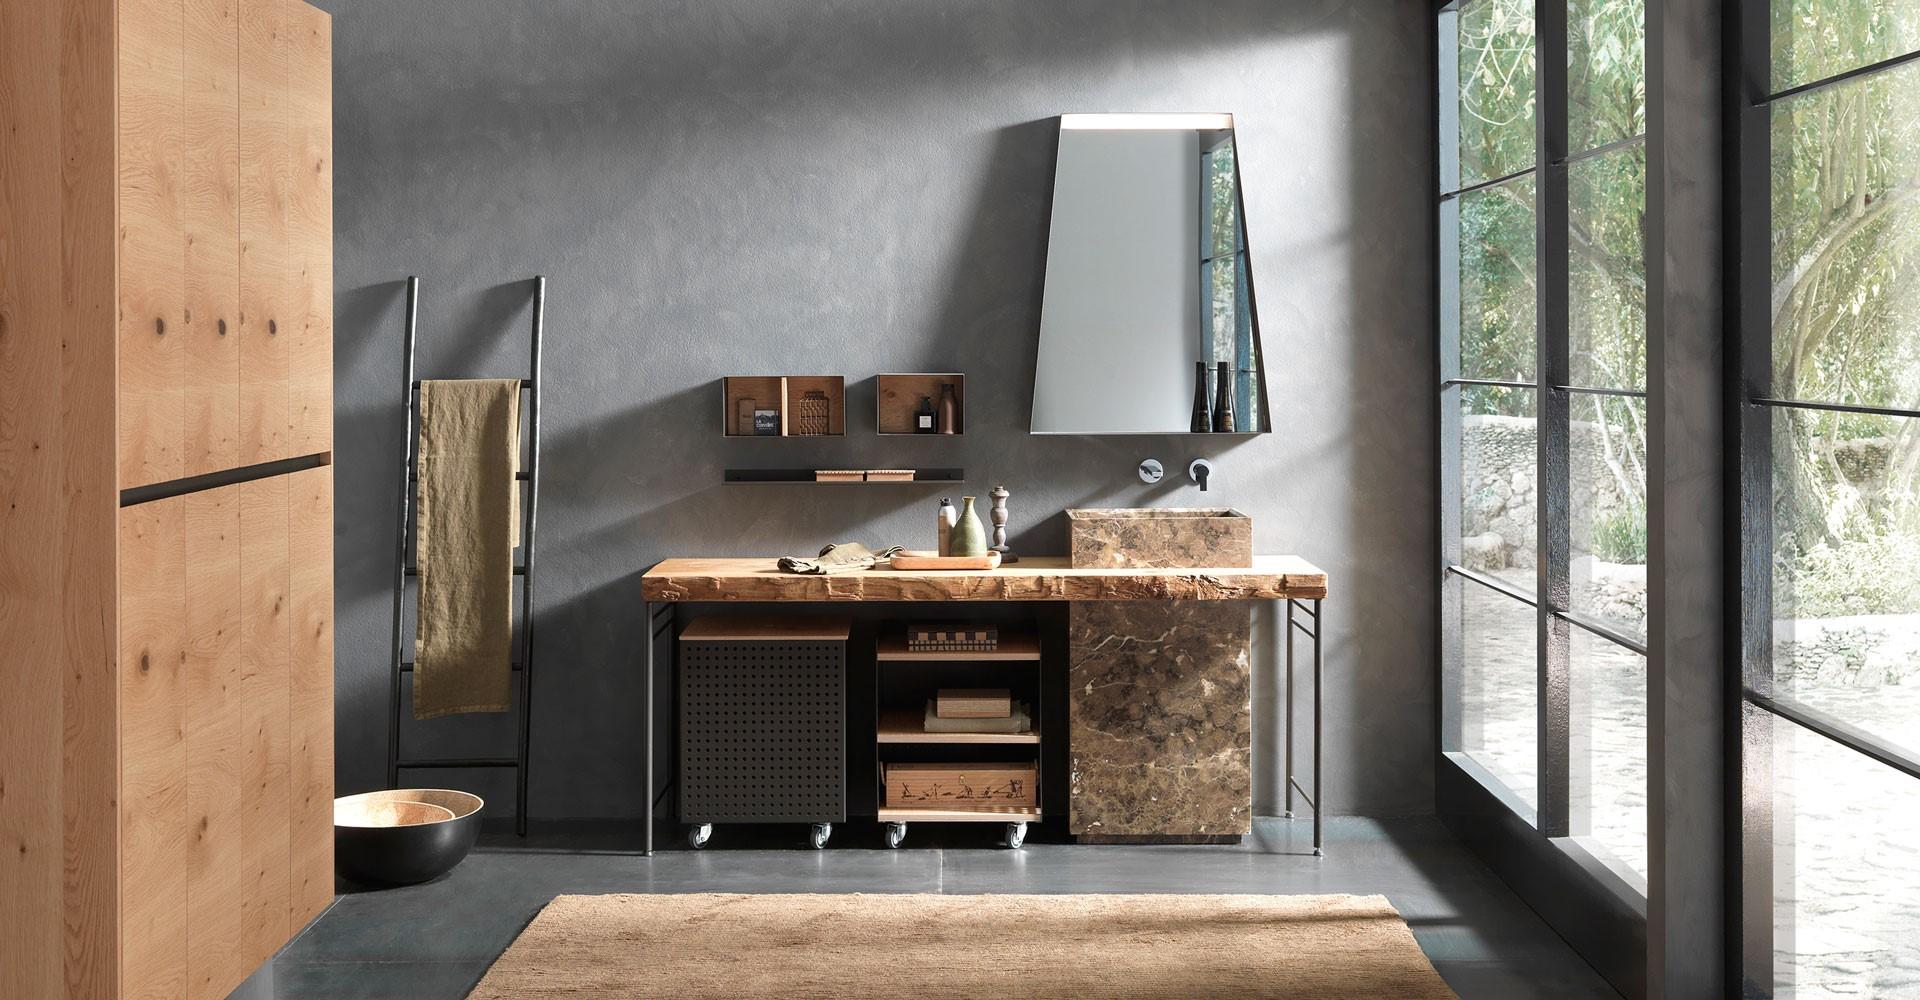 ambientazione moderna bagno archeda servizio di progettazione varriale interior design